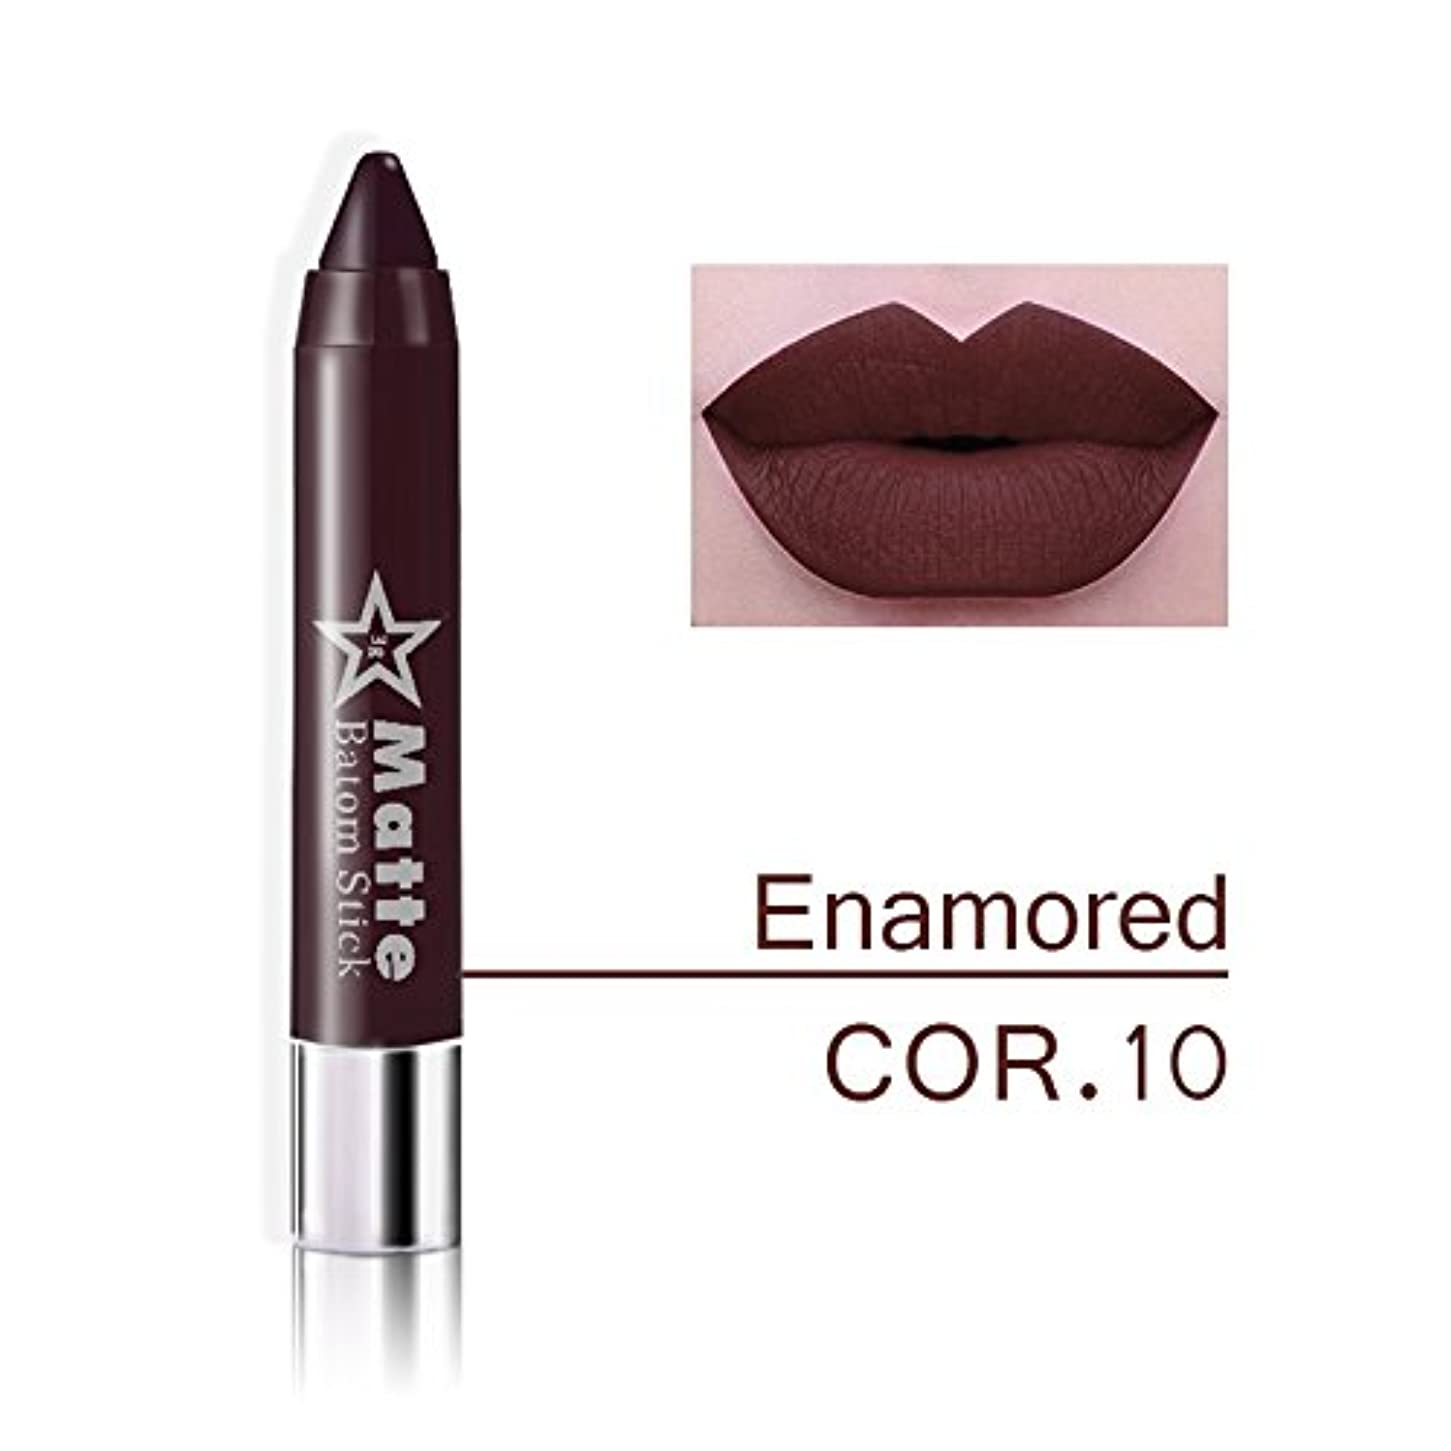 治安判事すり減る散文Miss Rose Brand lips Matte Moisturizing Lipstick Makeup Lipsticks Waterproof matte Lip gloss Mate Lipsticks Make up